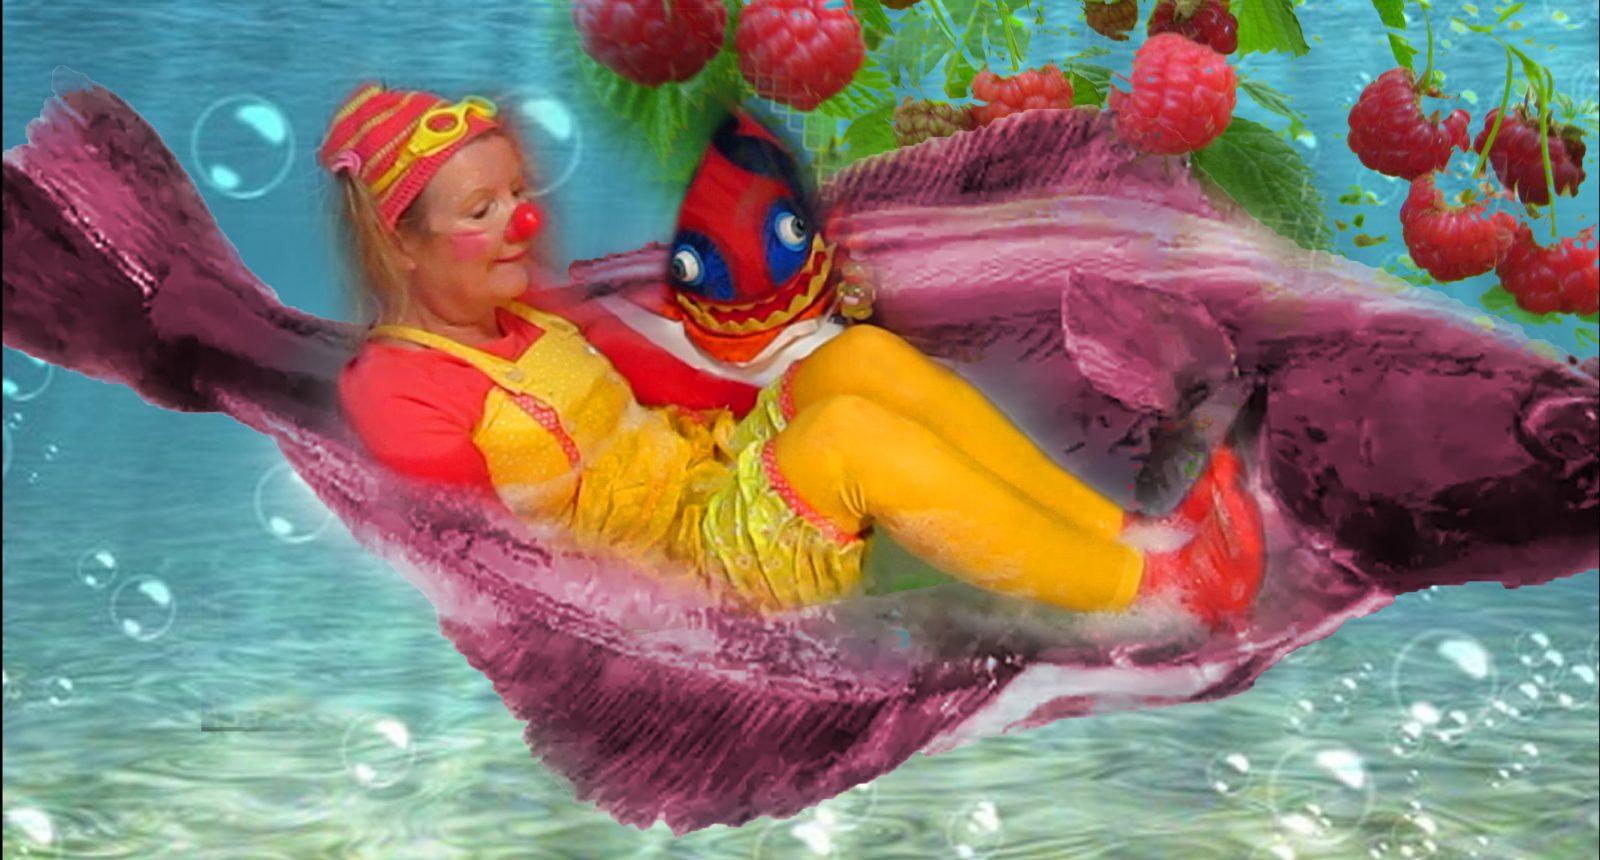 Betariks' drømmereisen, hun sitter på en flyndre og reiser under havet